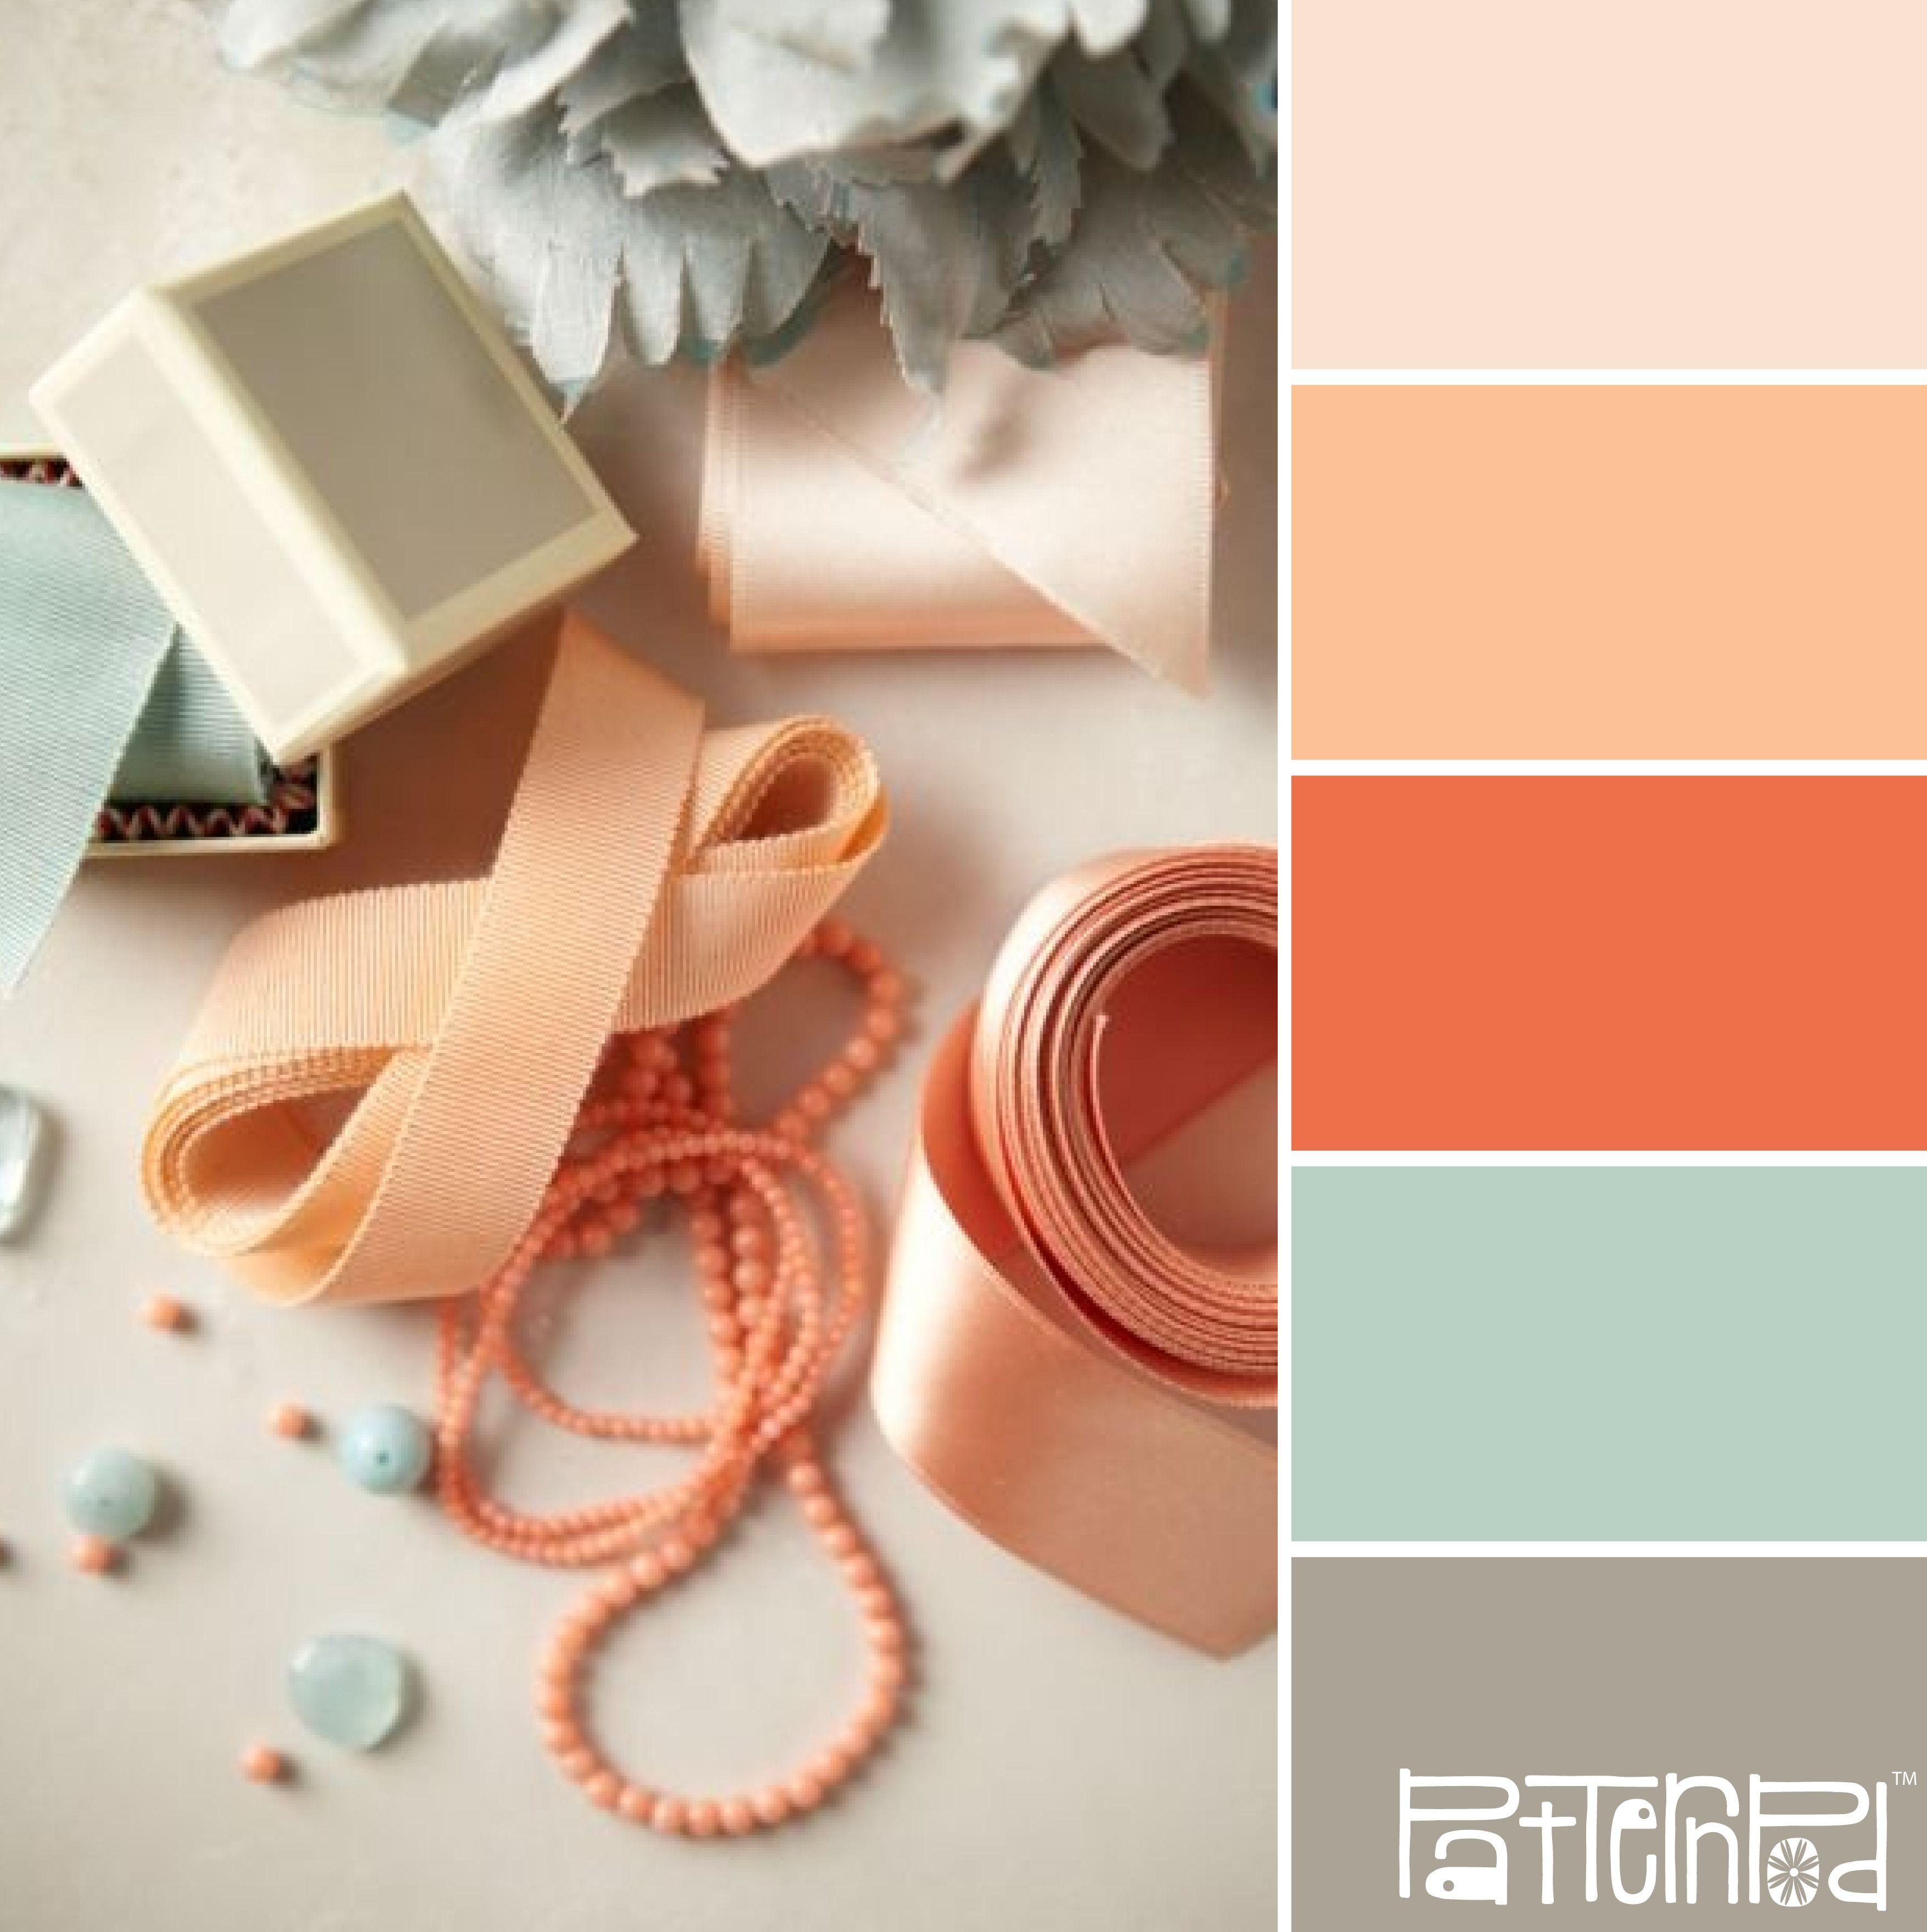 Harmonie Des Couleurs Dans Une Maison love this color combo of peach and blue/greenish